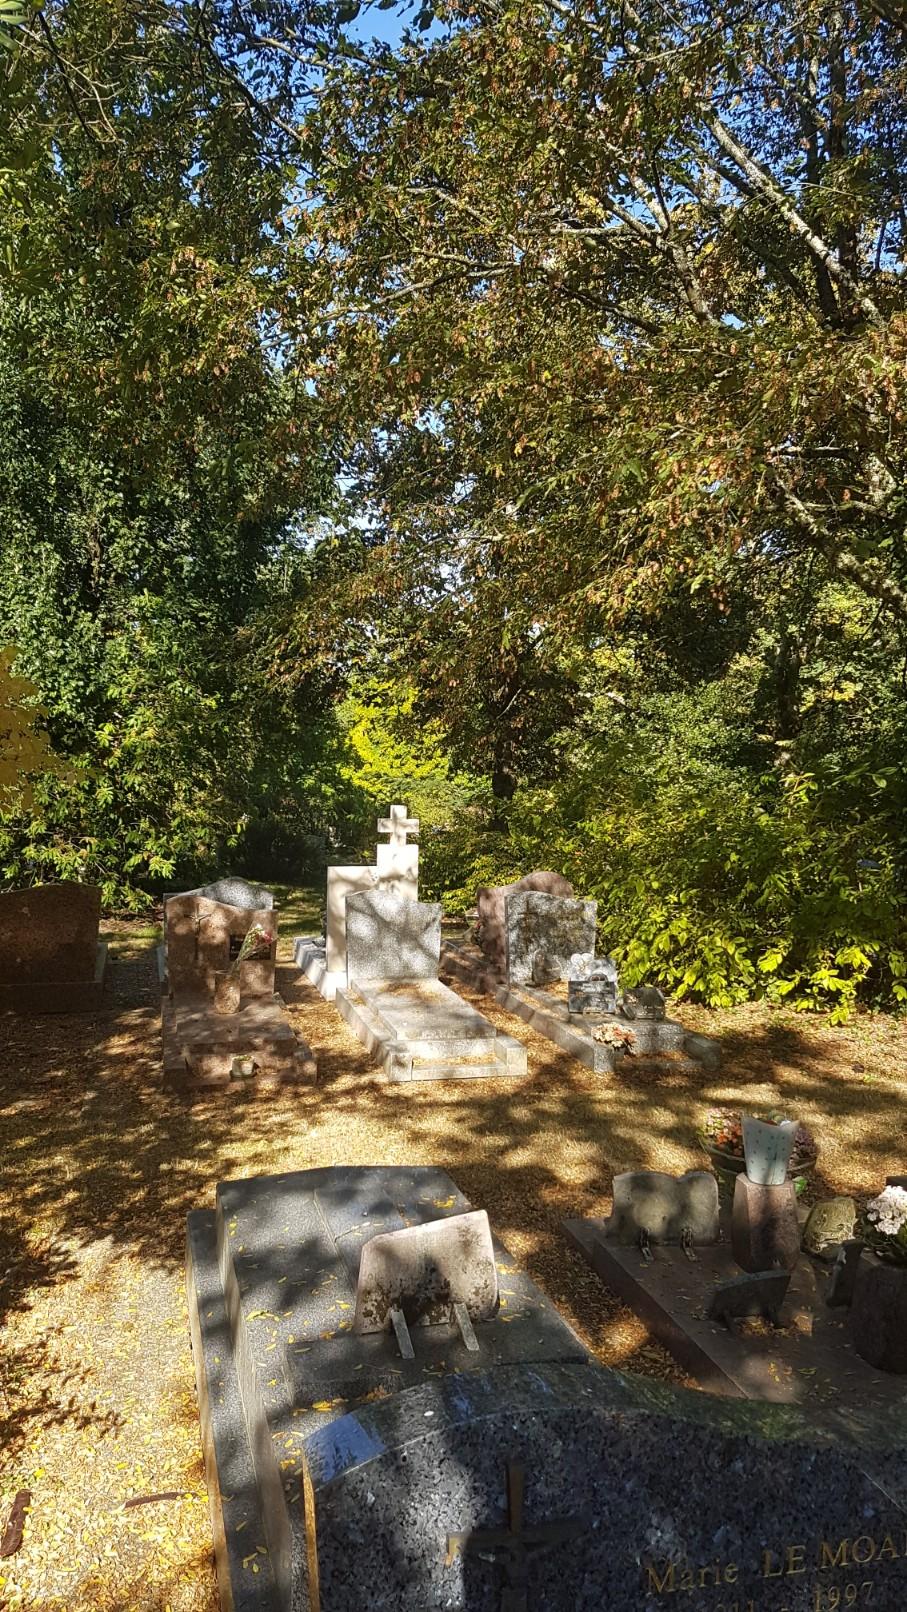 Au pied de mon arbre ... - Les cimetières pleins de vie - Page 2 20181031